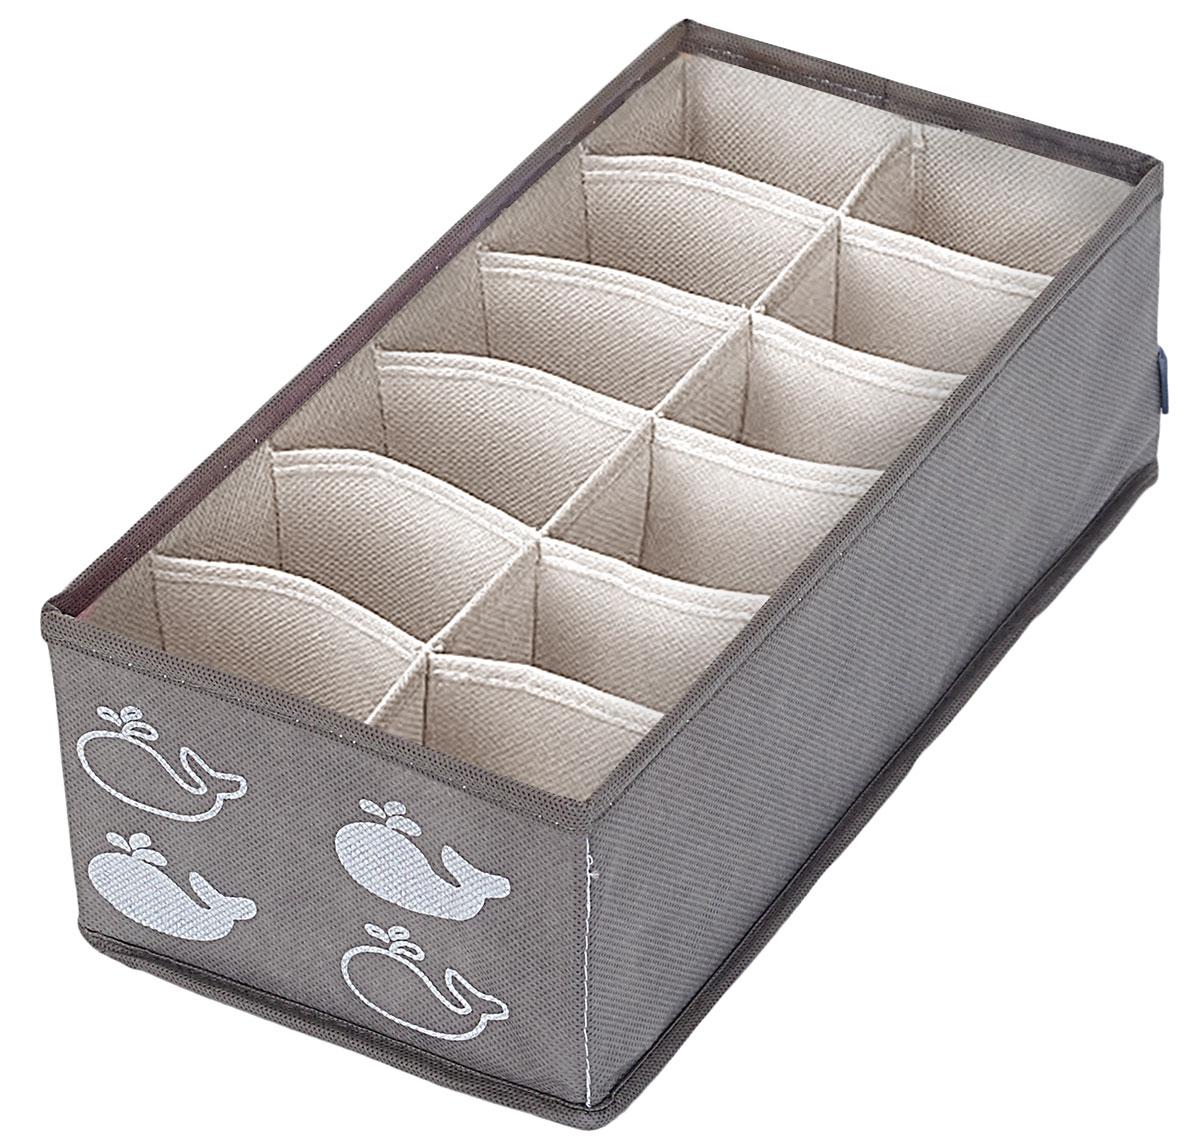 Органайзер Все на местах Insta. Киты, 32 х 16 х 11 см, 12 ячеек1017047Даже если у вас в шкафу не очень много места, этот небольшой органайзер позволит держать ваше нижнее белье в идеальном порядке.